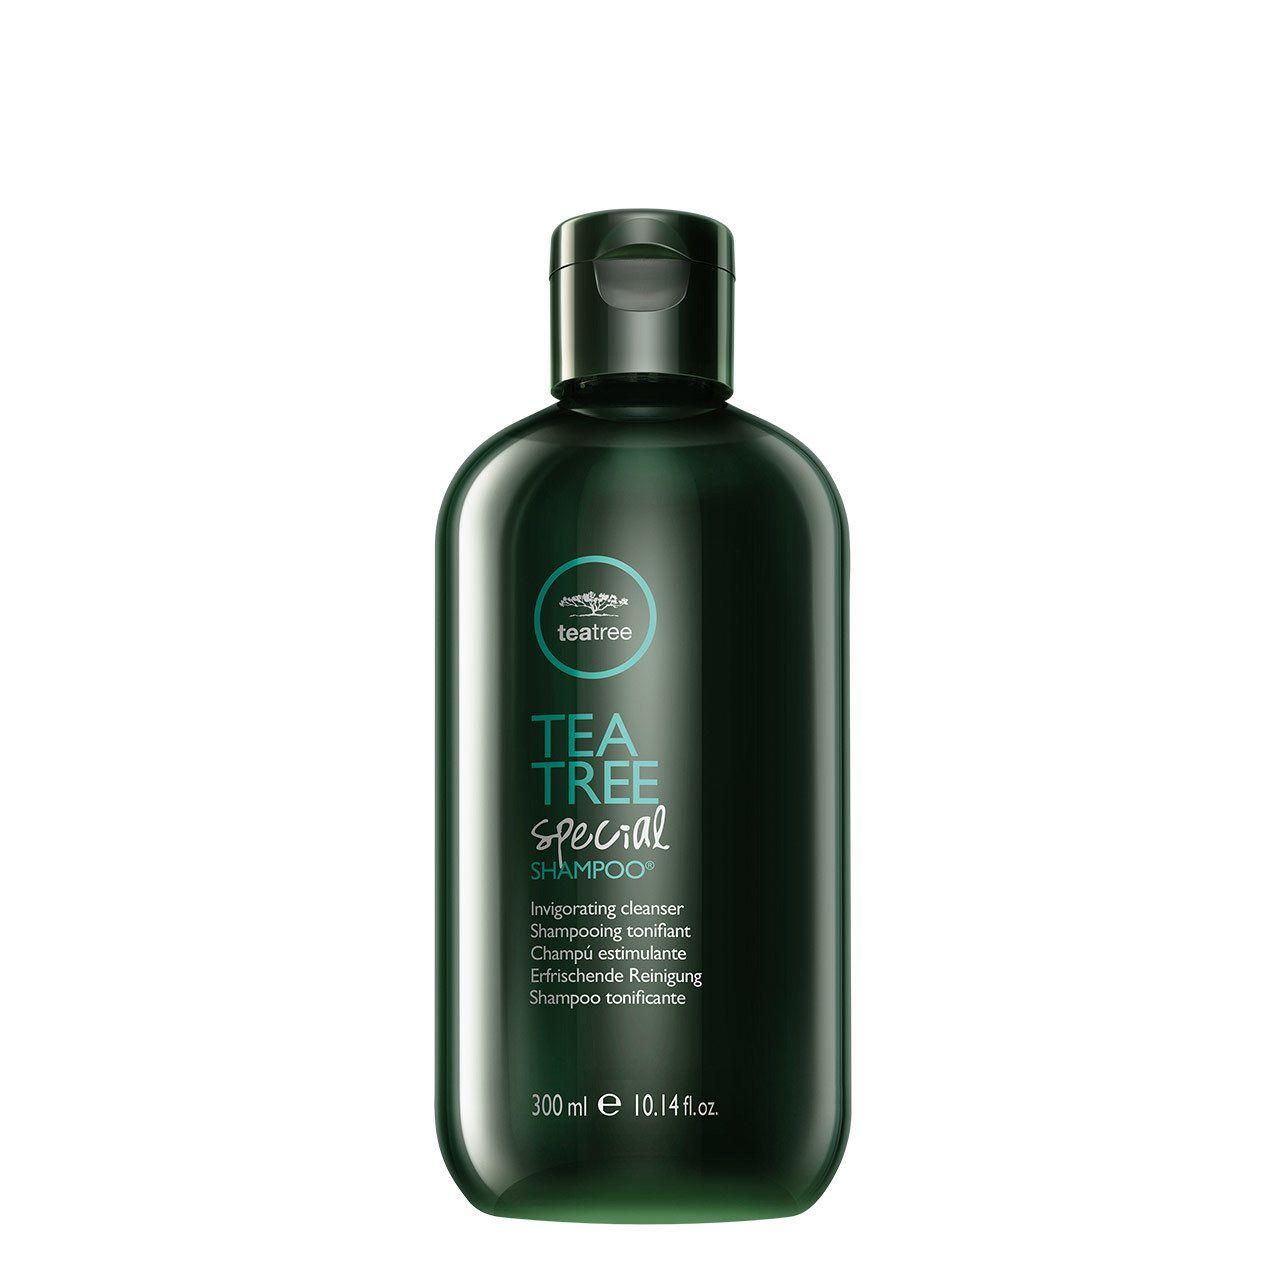 Kit - Shampoo Tea Tree Special 300 e 1000 ml - Paul Mitchell